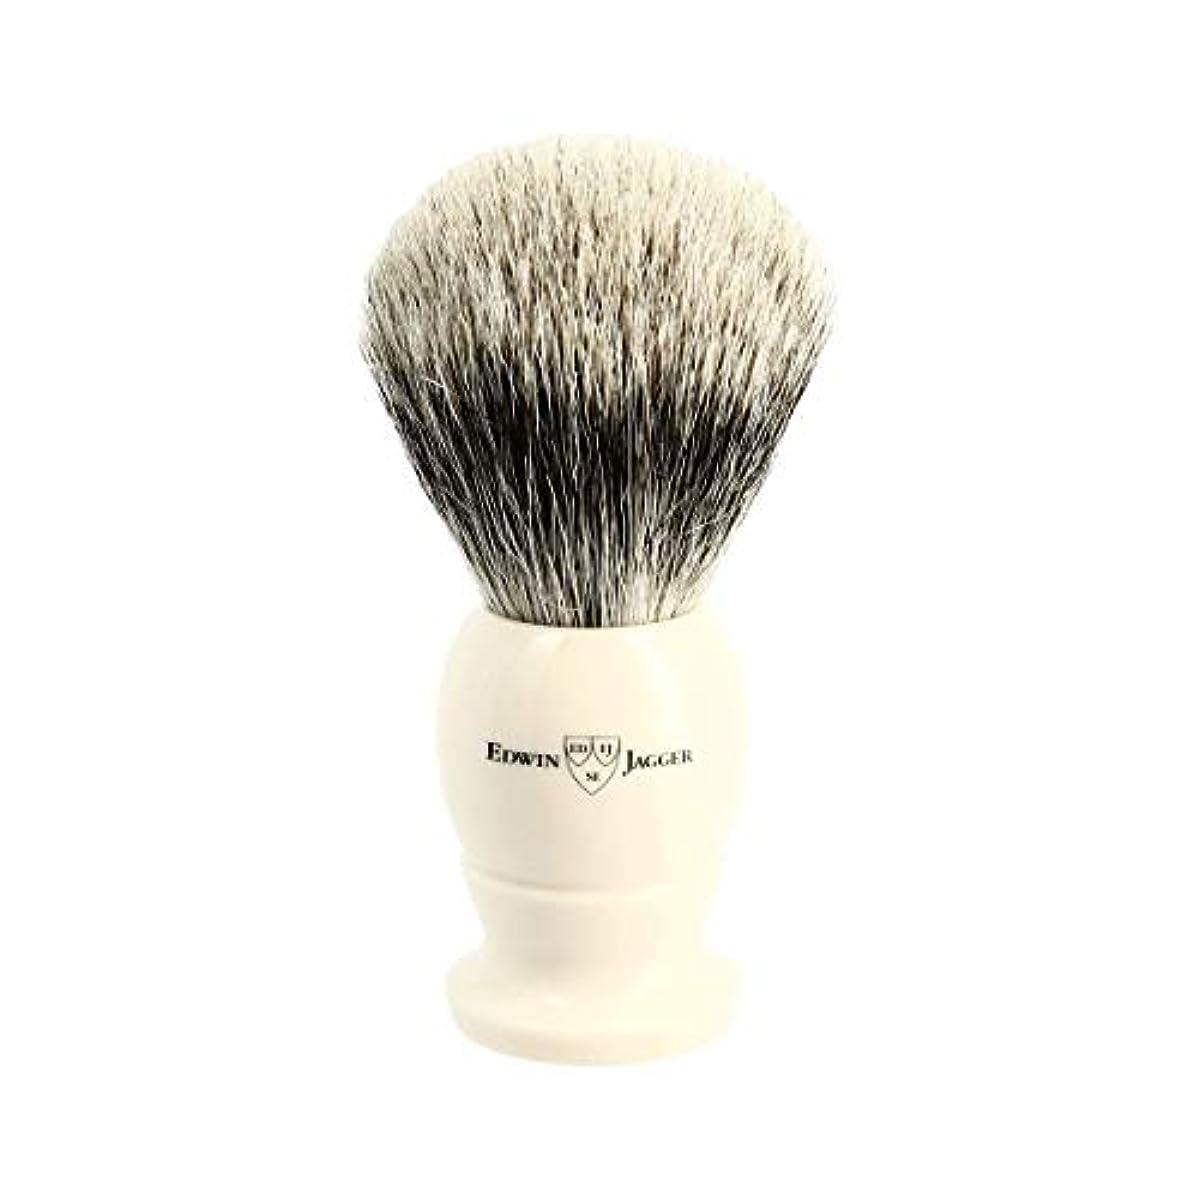 鉱石放置タブレットエドウィンジャガー アイボリー ベストバッジャーアナグマ毛 シェービングブラシ大3EJ877[海外直送品]Edwin Jagger Ivory Best Badger Shaving Brush Large 3EJ877...